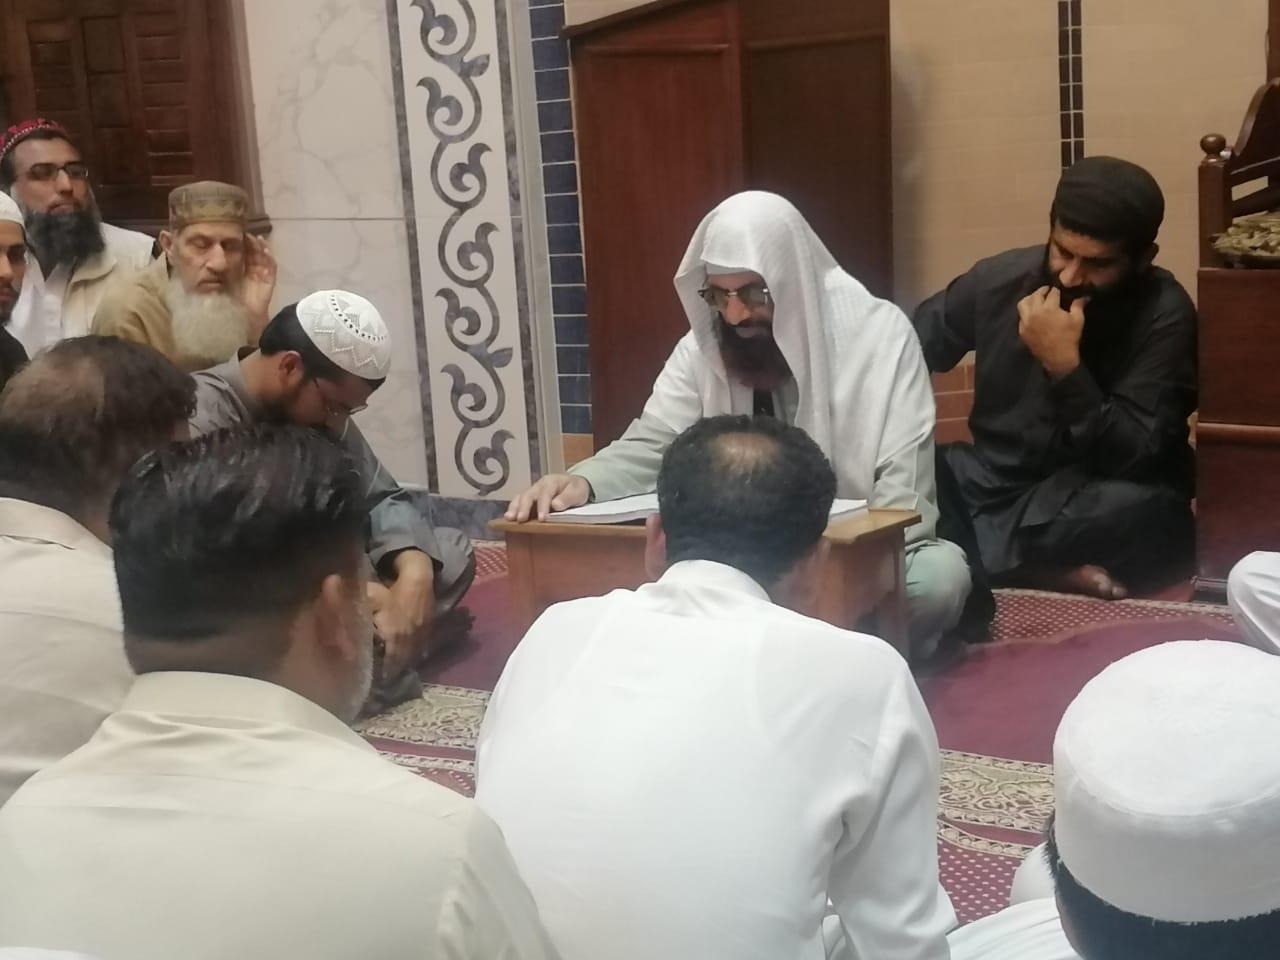 نکاح سنت نبوی ﷺ ہے اور مسجد میں نکاح مزید خیر و برکت کا باعث بن جاتاہے( مولانا حماد الزھراوی )